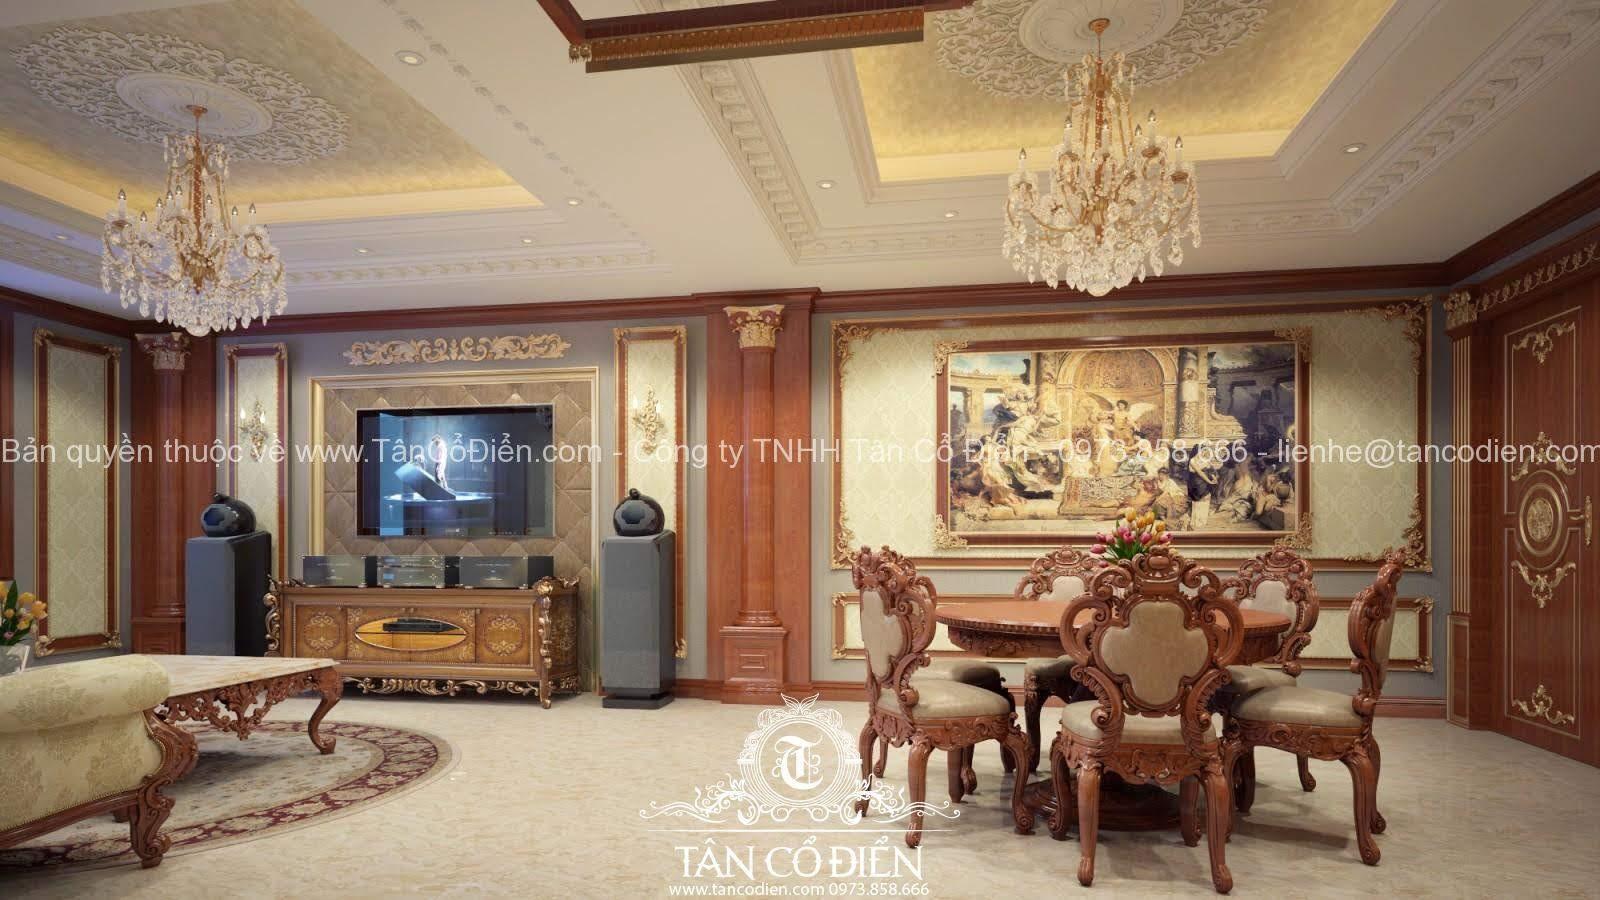 Phòng cách mang phong cách tân cổ điển hoàn mỹ